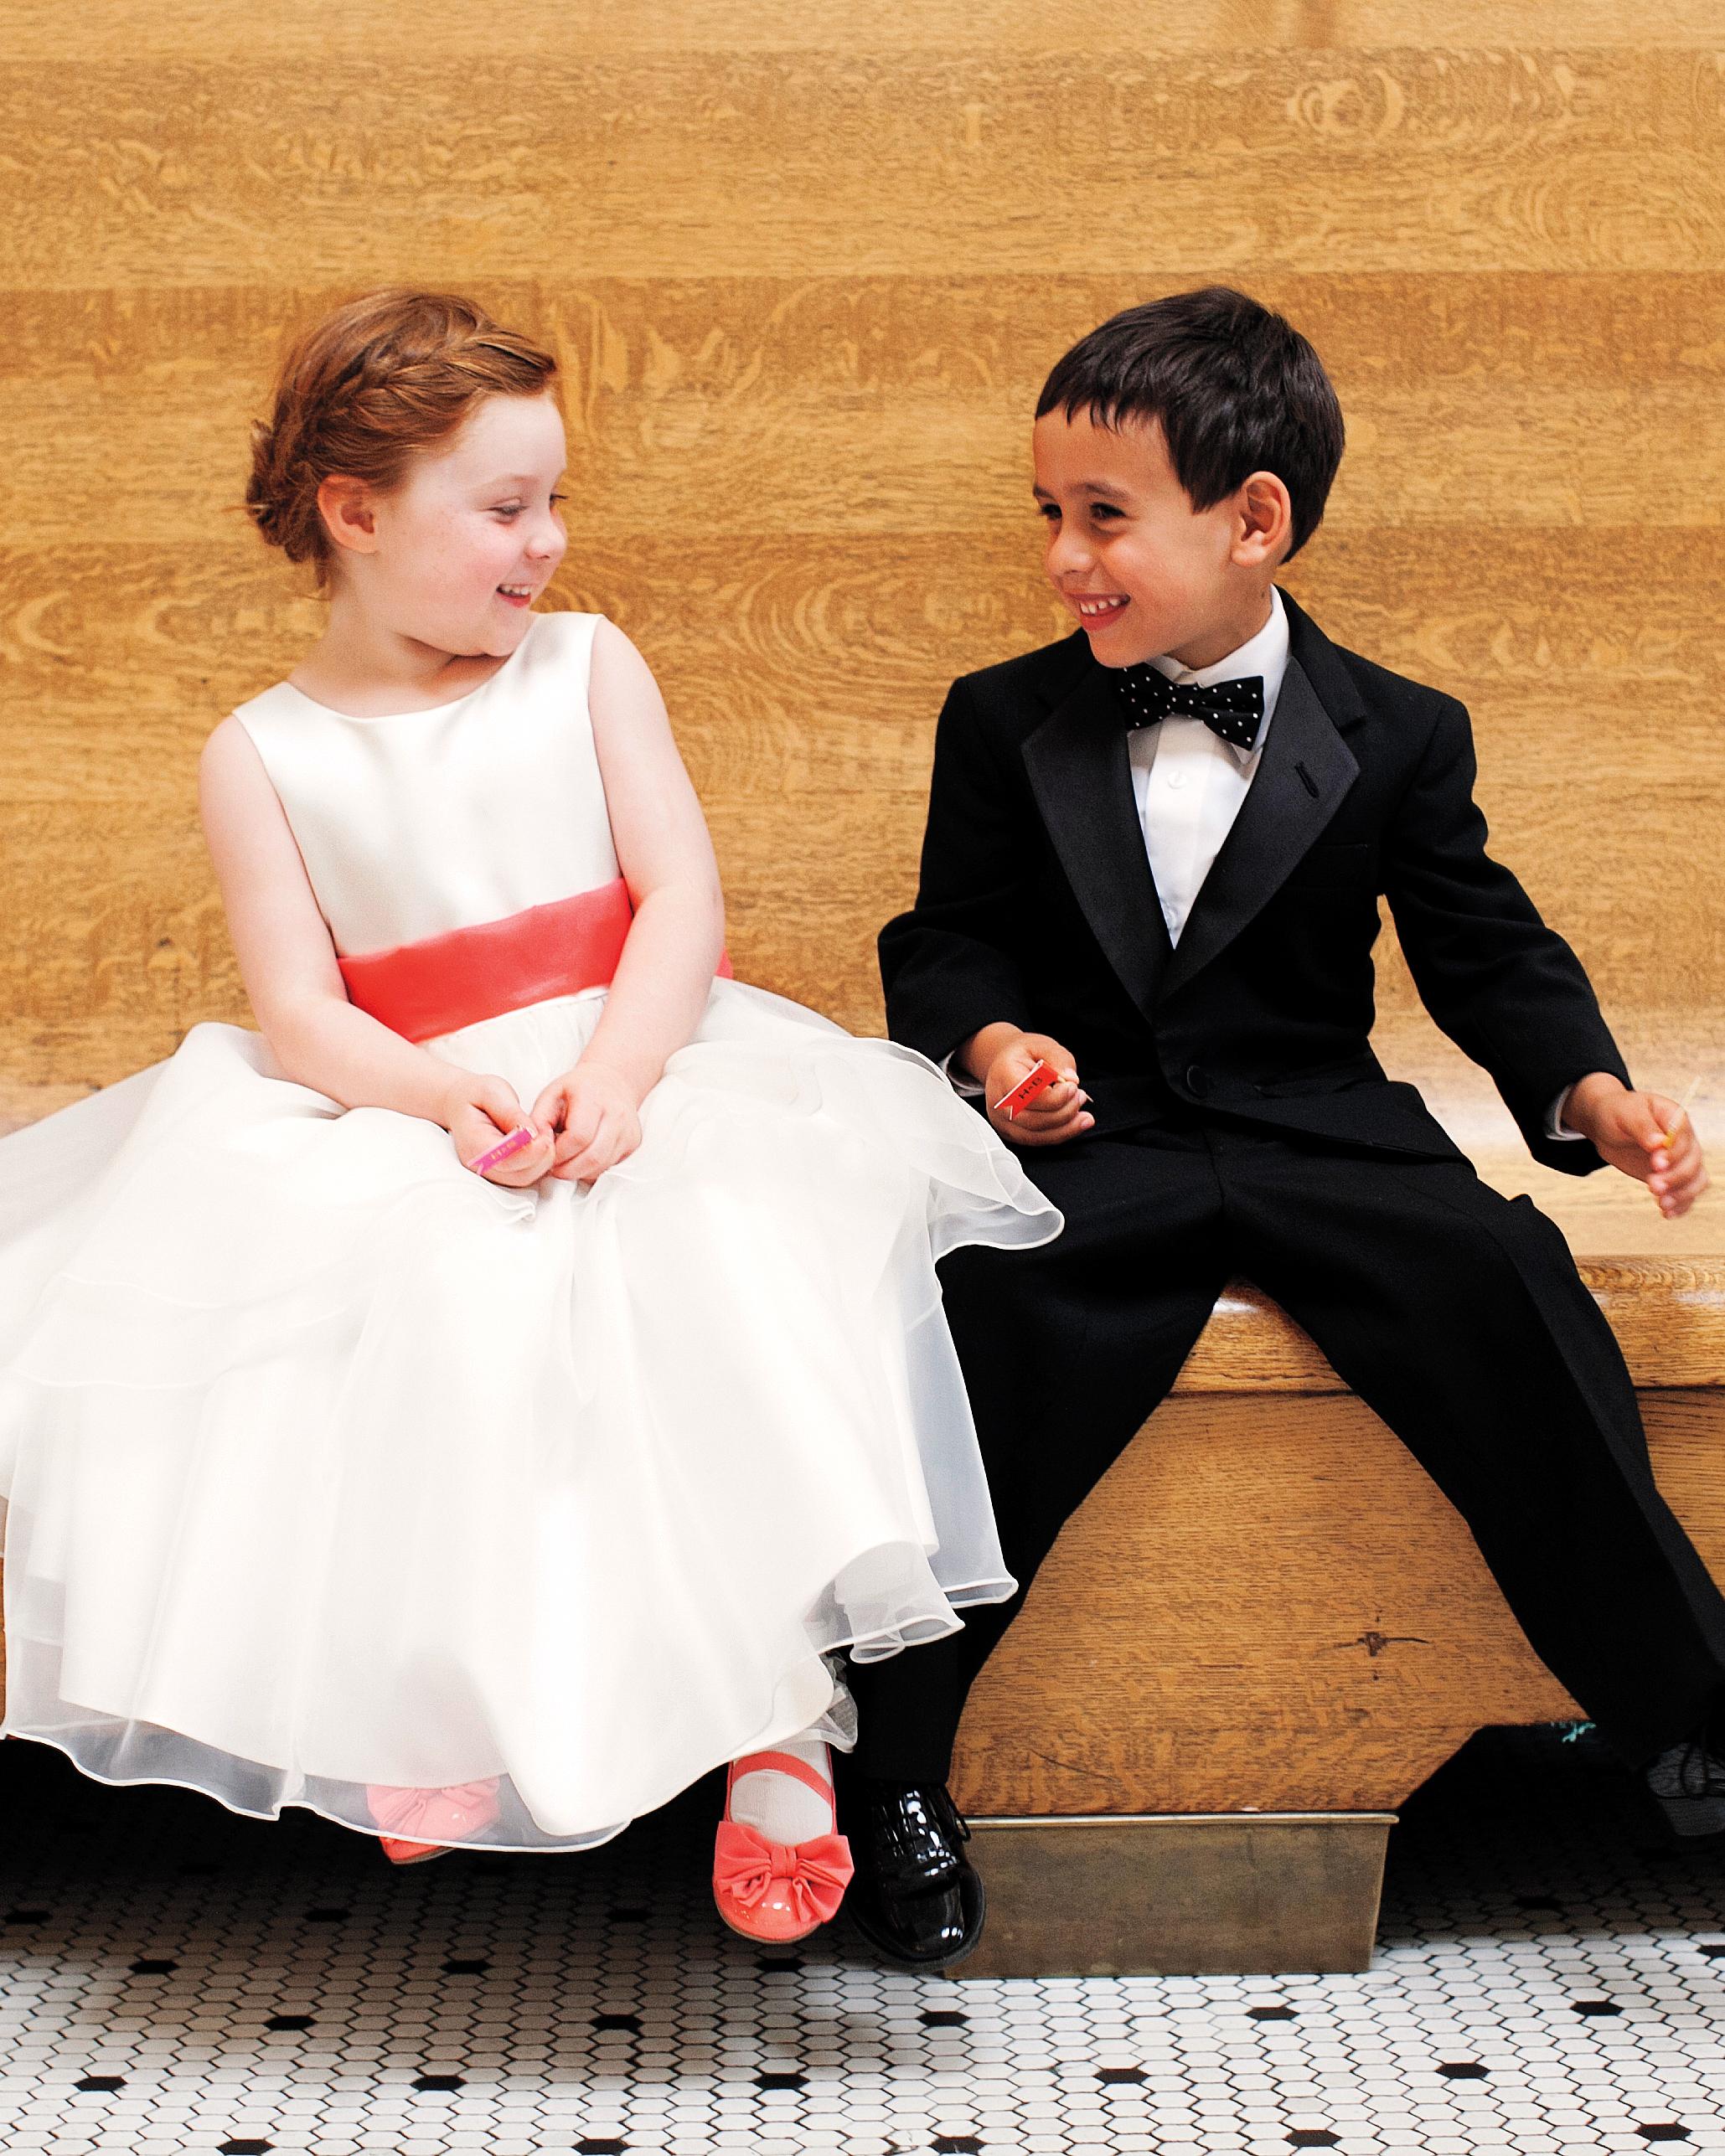 hanna-bret-bridal-party-ss0303-s111676.jpg